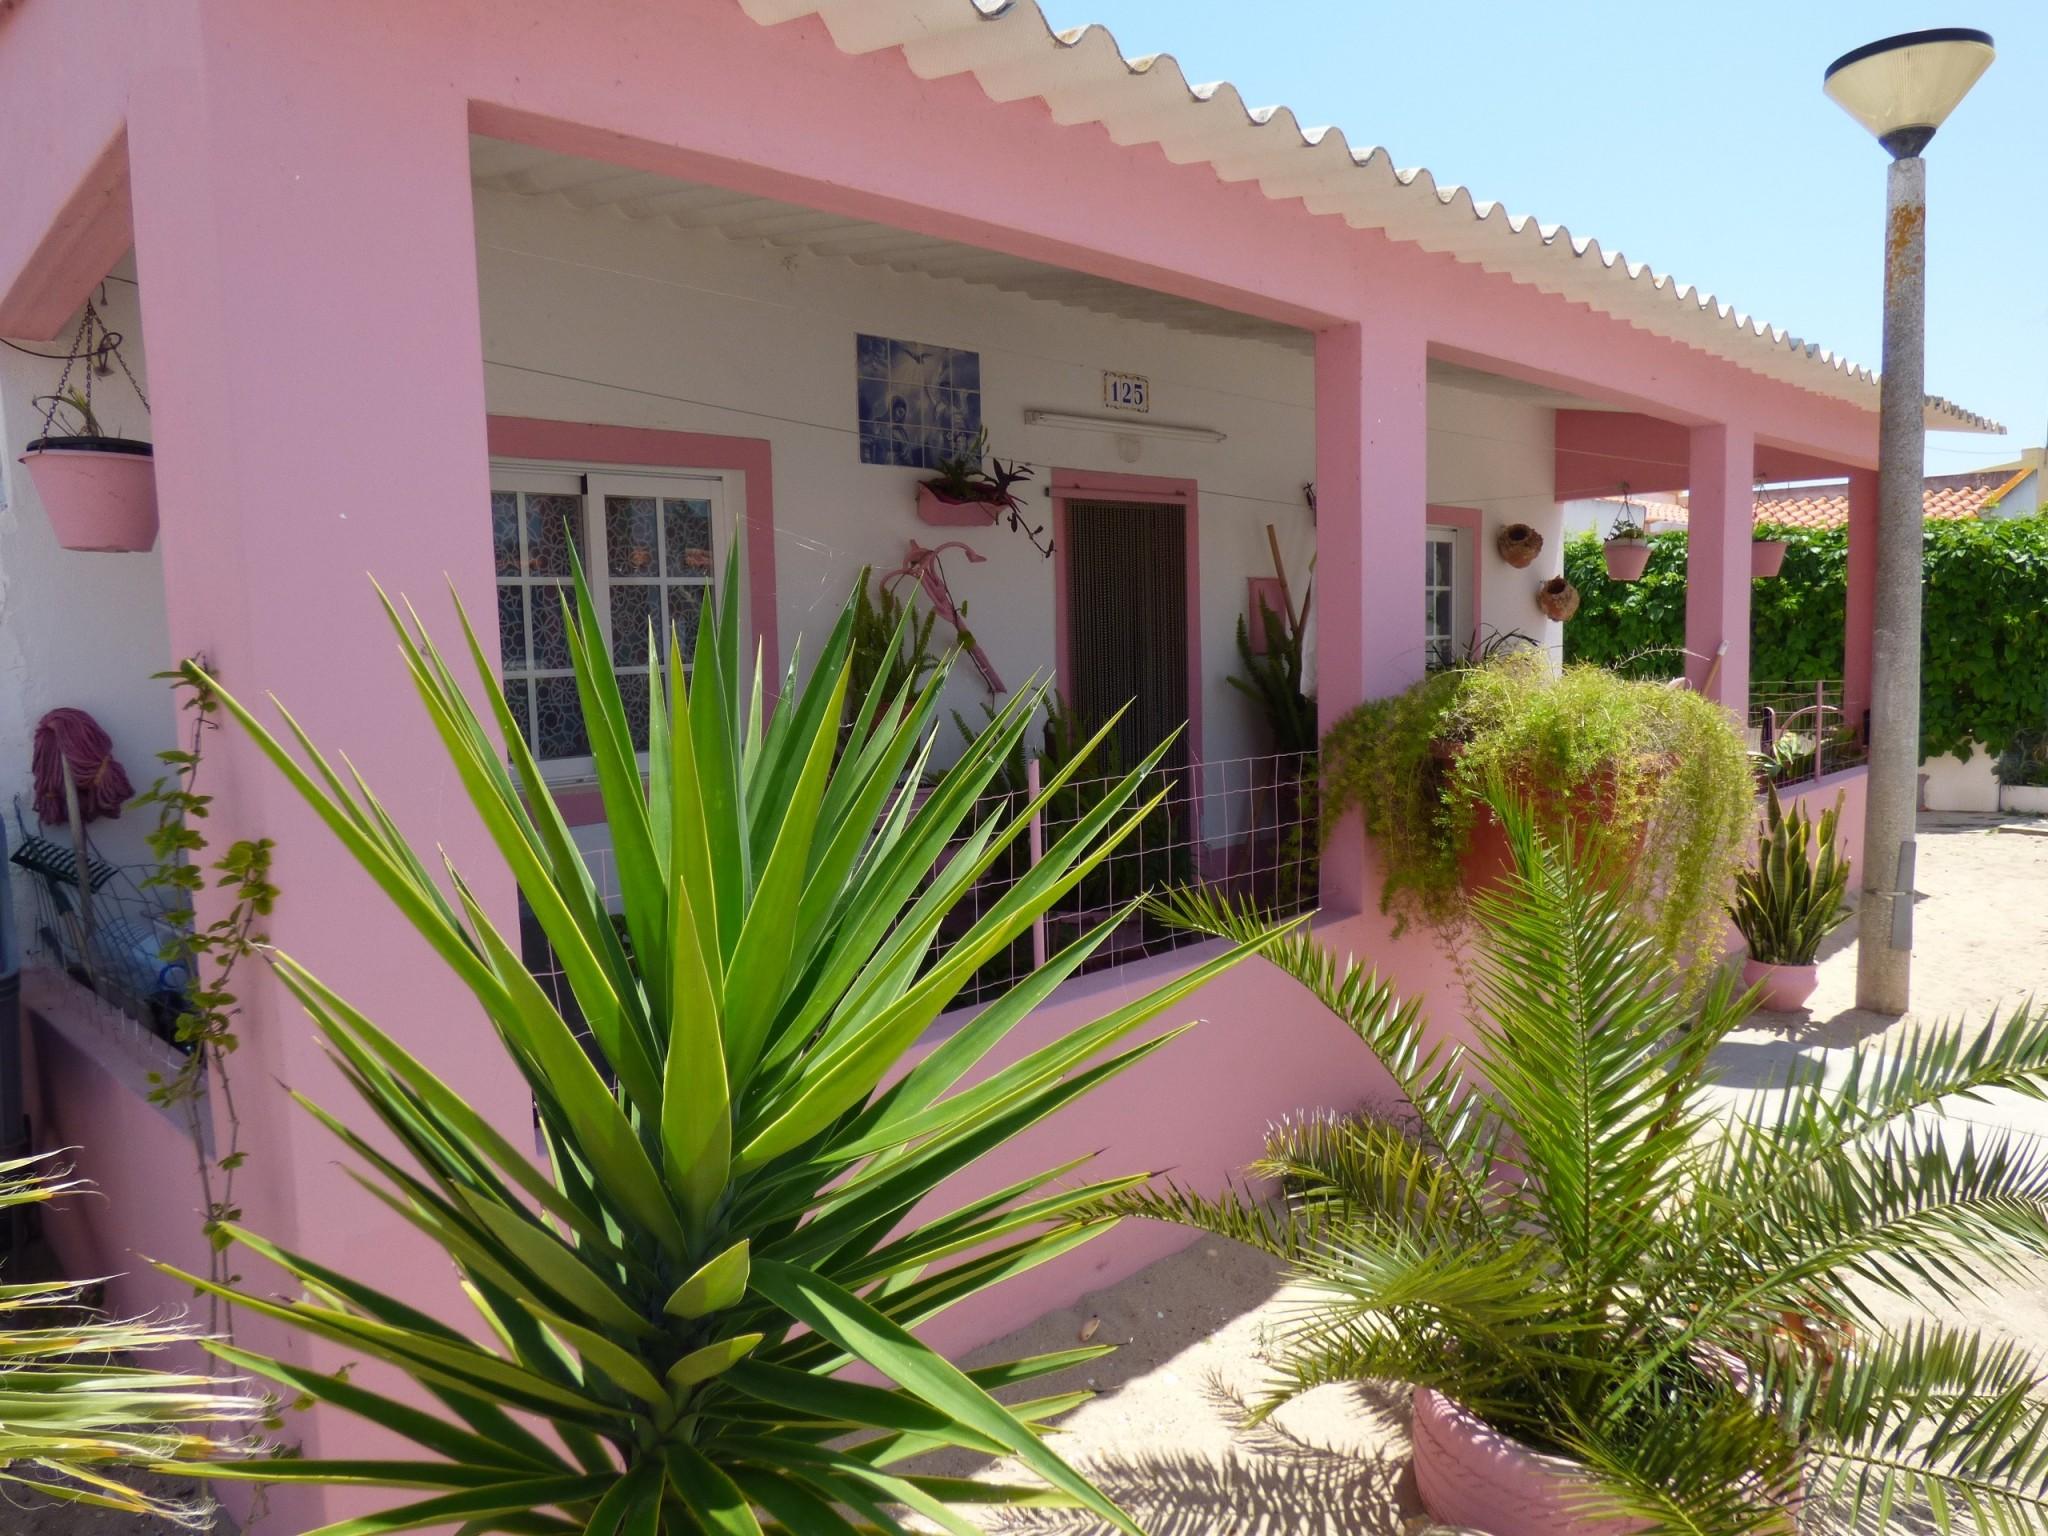 Algarve Culatra arkkitehtuuri